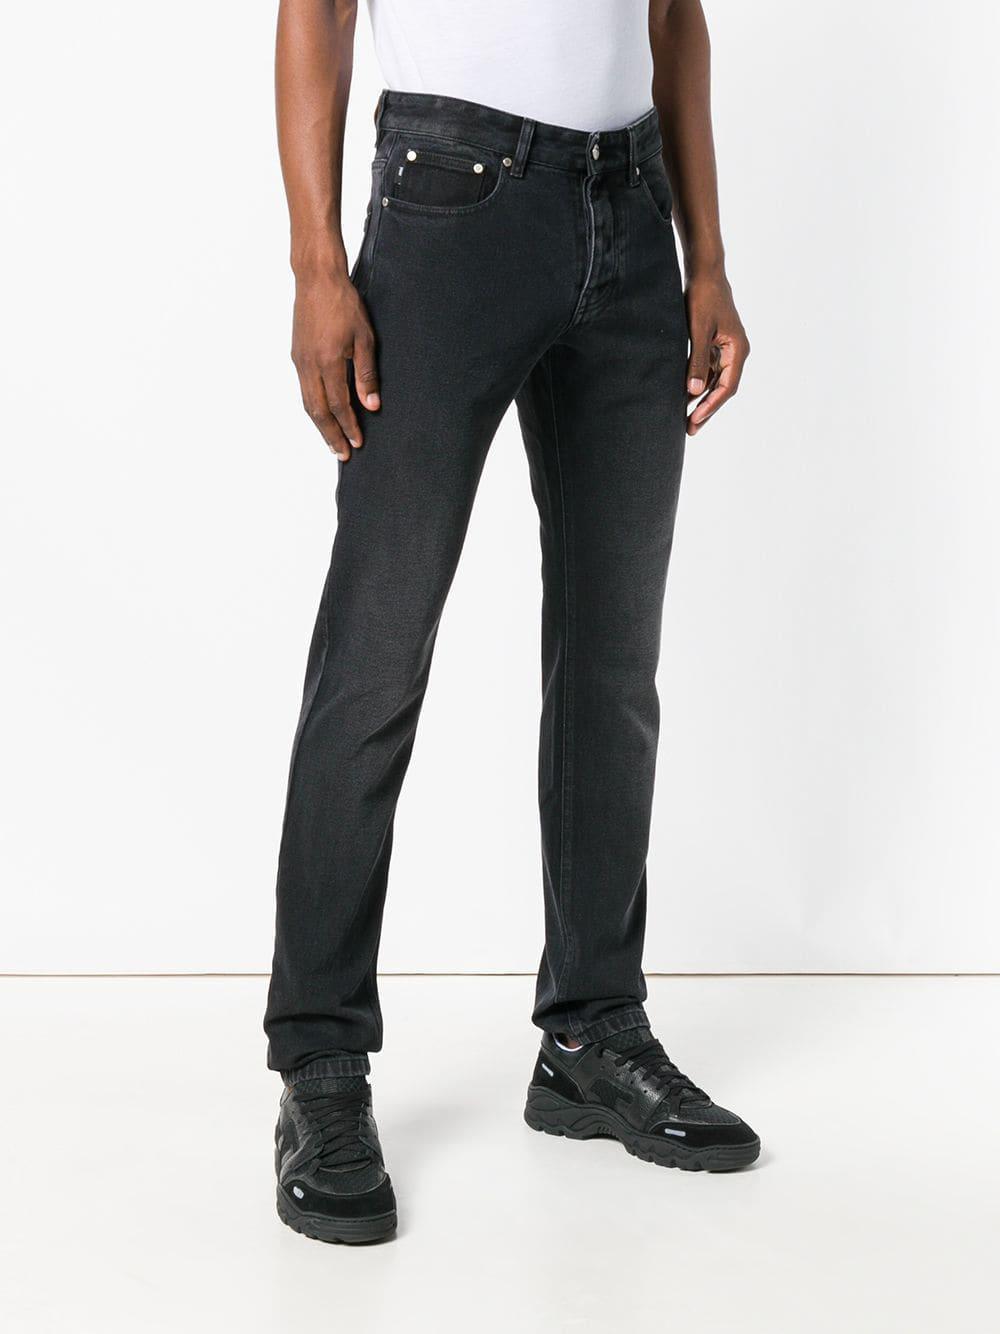 AMI Denim Fit 5 Pockets Jeans in Black for Men